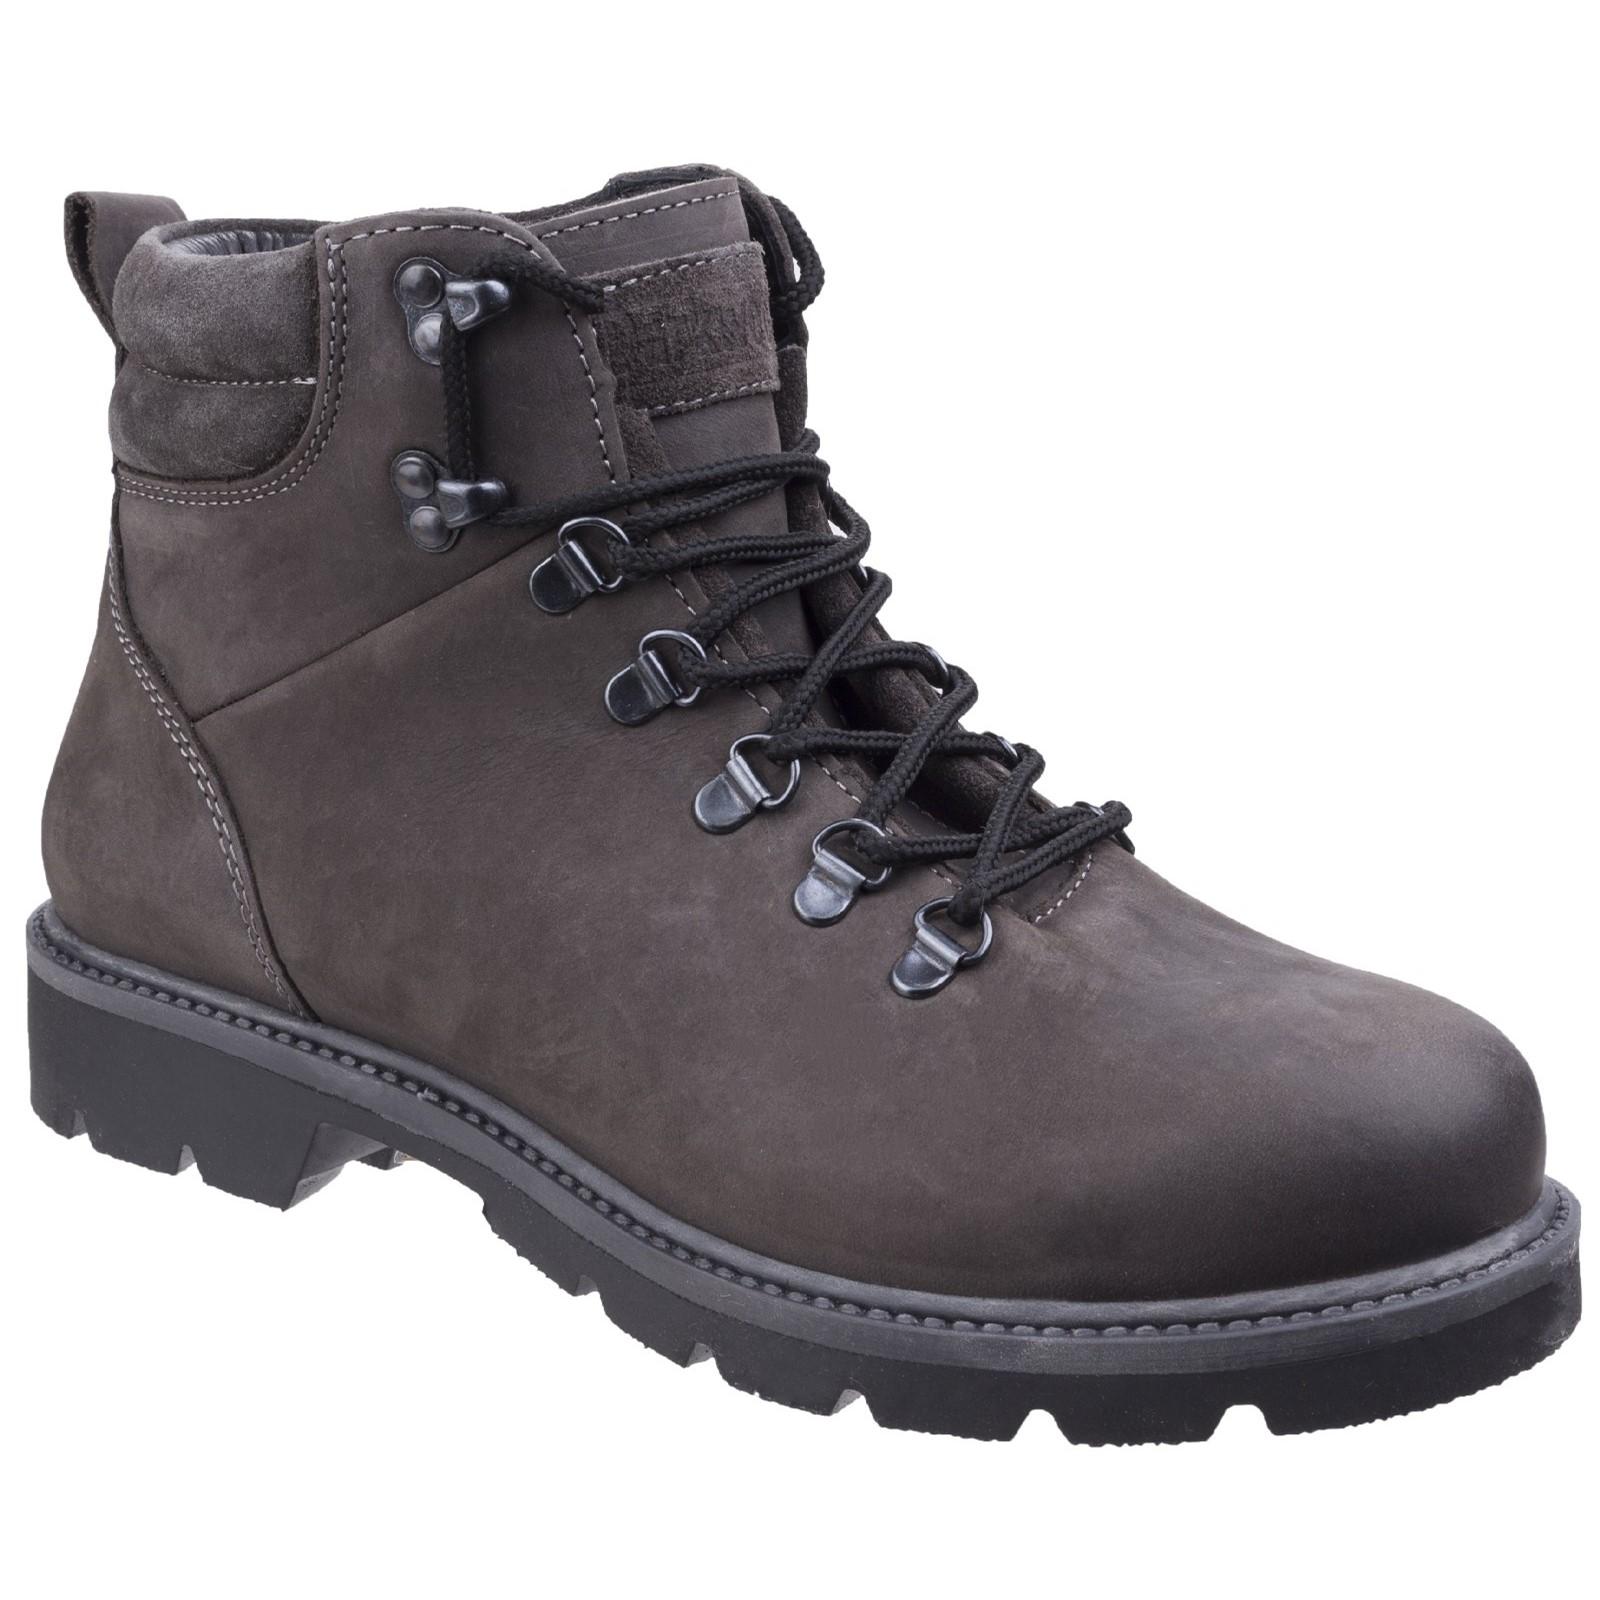 Darkwood Herren Maple Freizeit Schuhe Stiefel